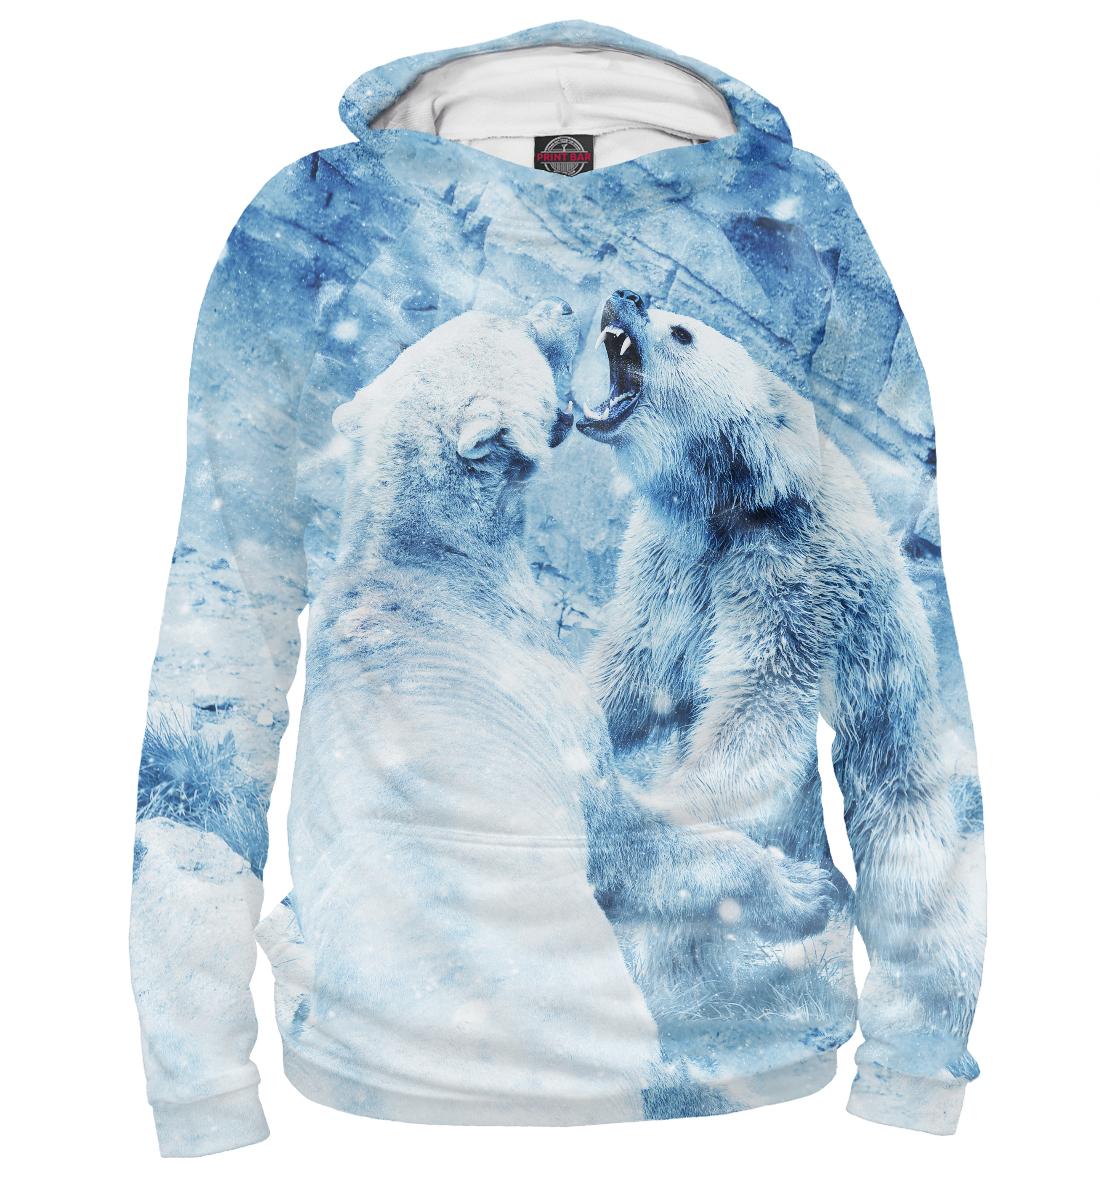 Купить Белые медведи, Printbar, Худи, MED-326182-hud-1